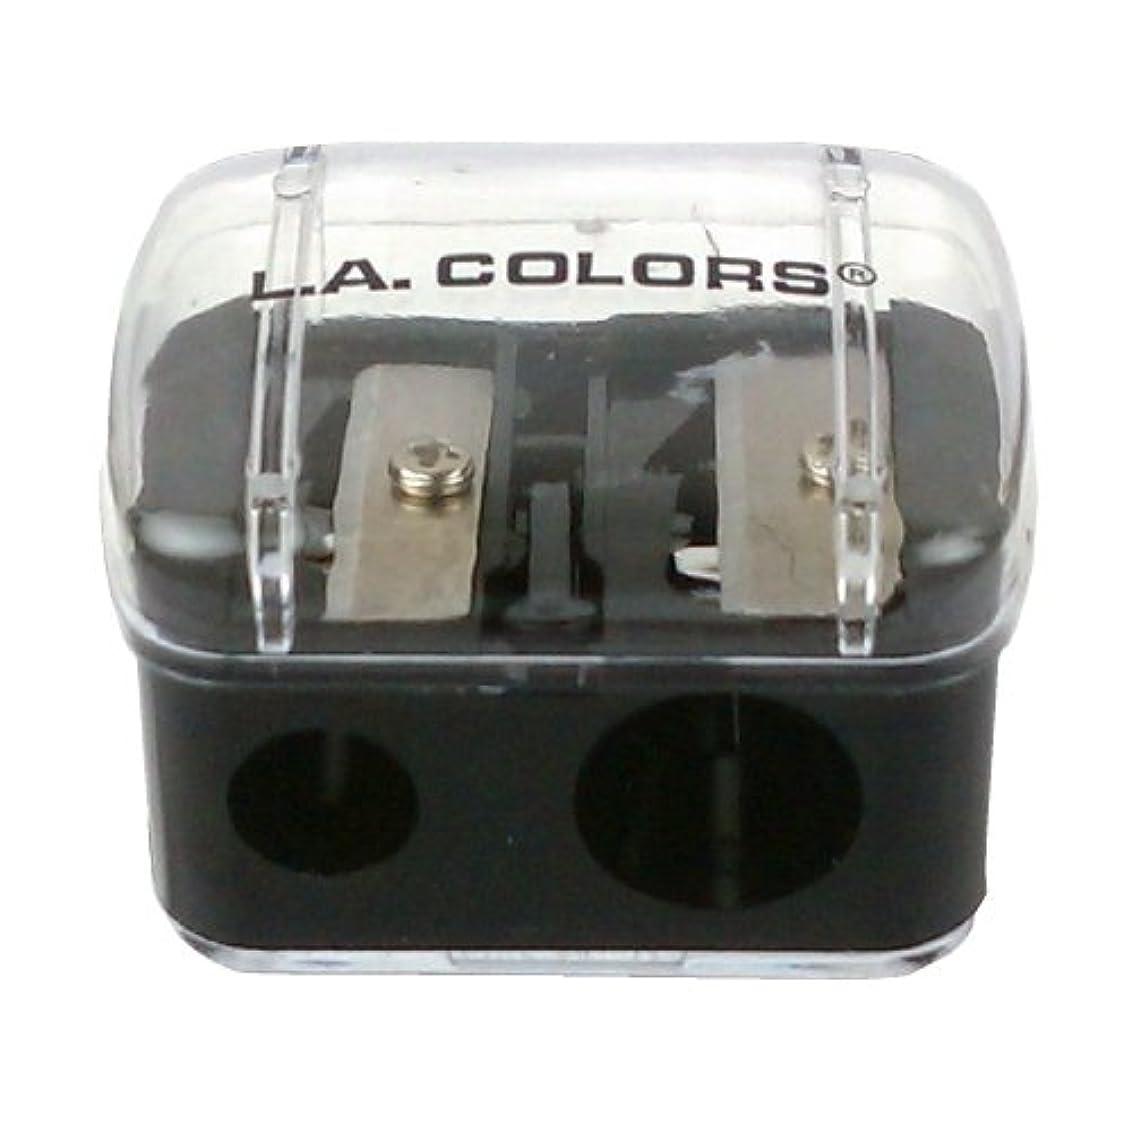 図書館豊富制限された(3 Pack) LA COLORS Jumbo Dual Pencil Sharpener (並行輸入品)